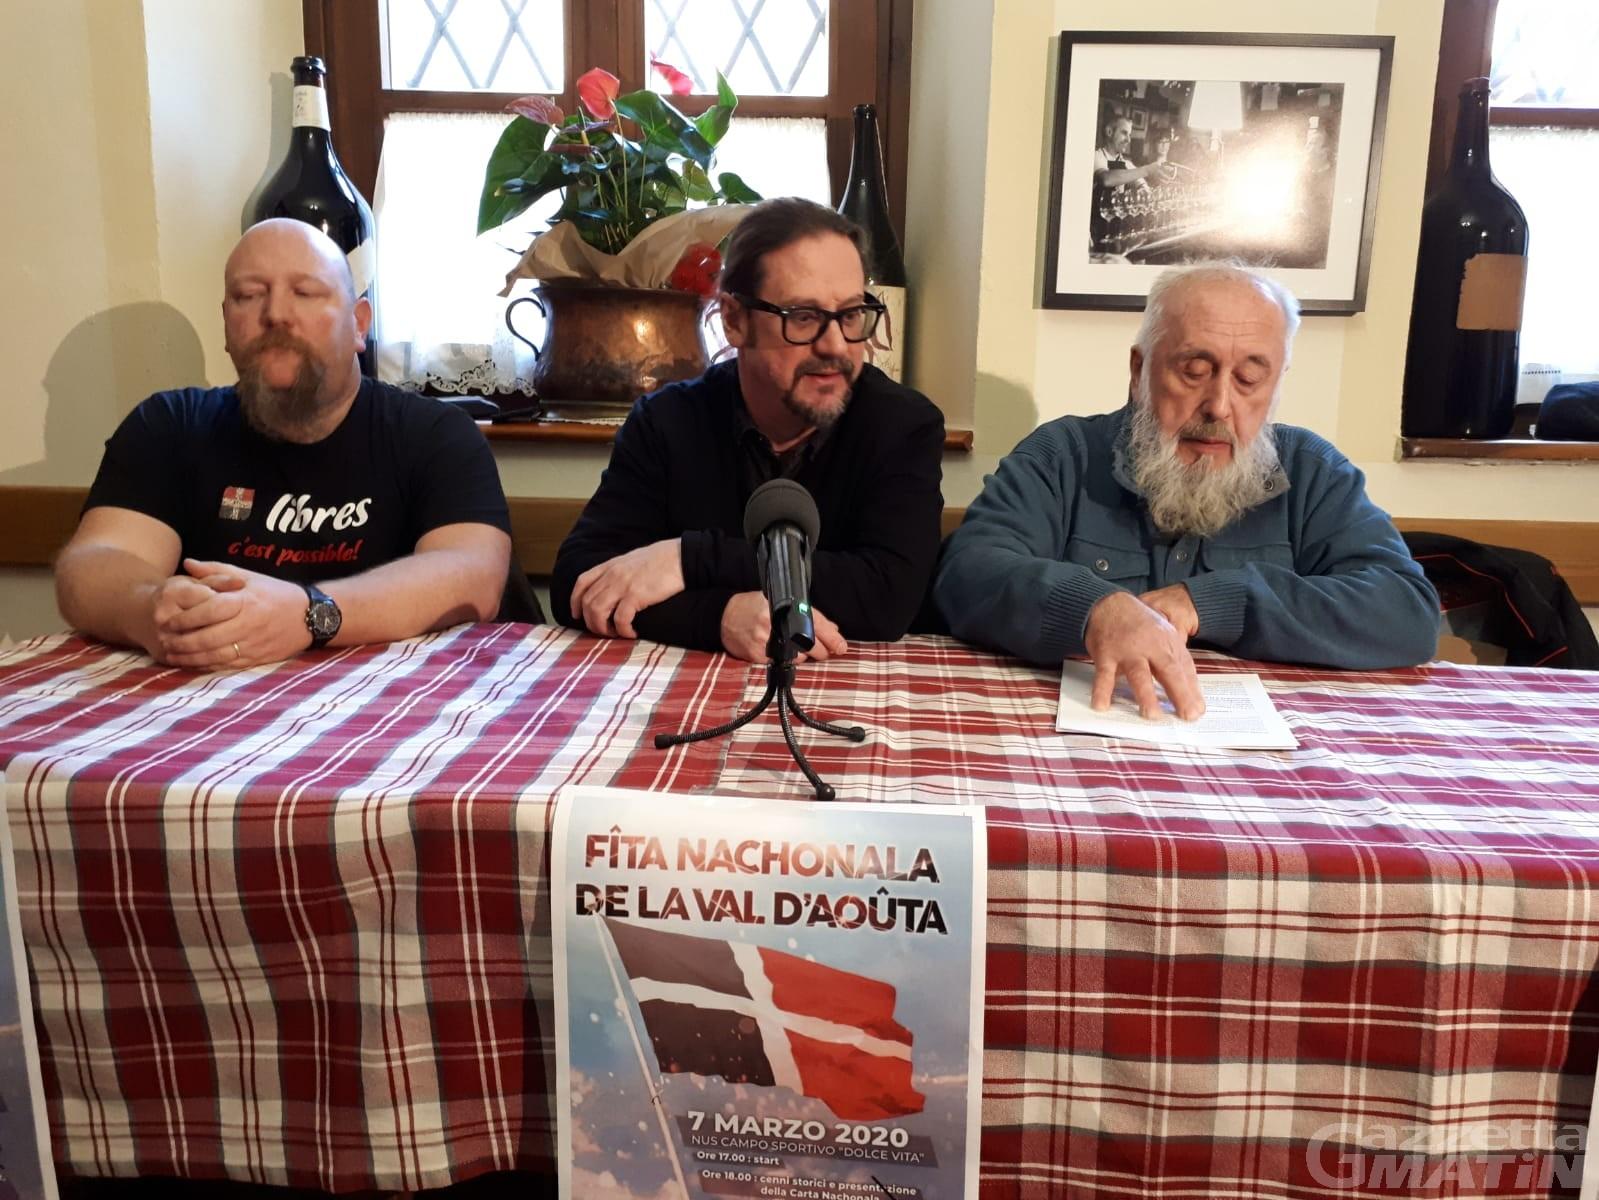 Pays d'Aoste Souverain chiede le dimissioni dell'onorevole Elisa Tripodi